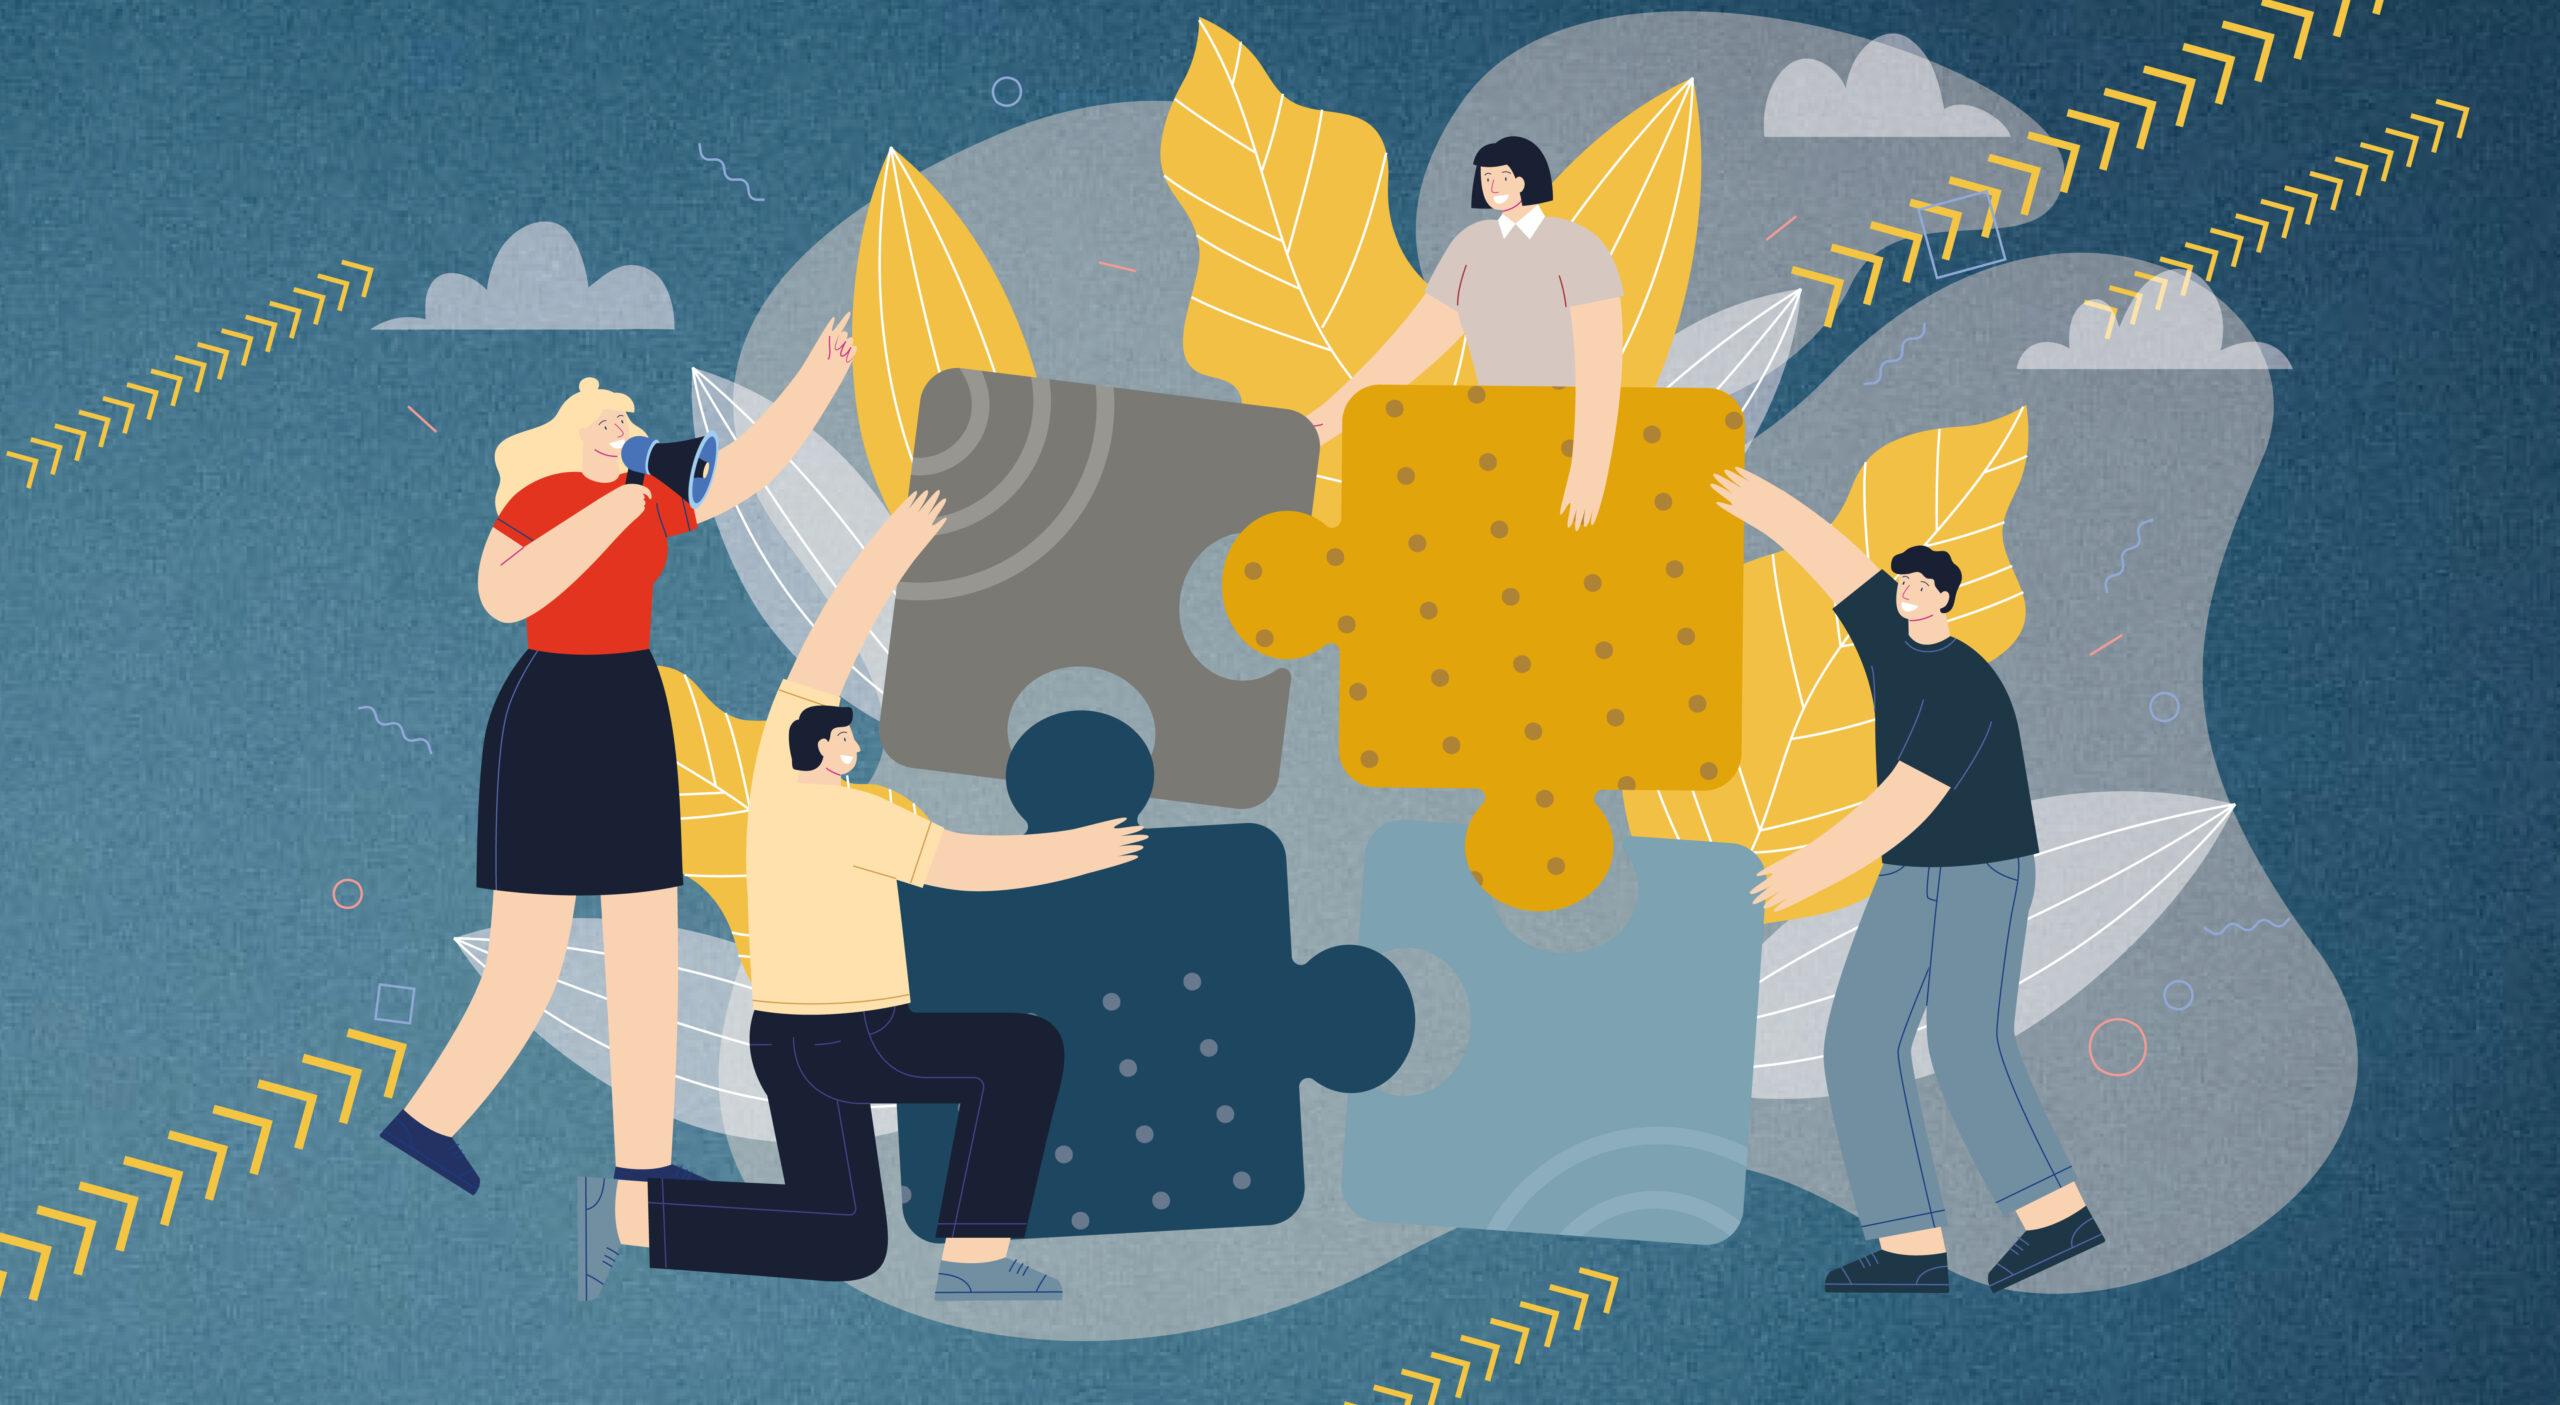 Quando nasce la leadership di un imprenditore? A volte si tratta di doti già innate che vanno solamente espresse, altre invece di doti da allenare con perseveranza e dedizione. In entrambi in casi la leadership è la carta vincente di un team affiatata e di conseguenza di un'azienda di successo.